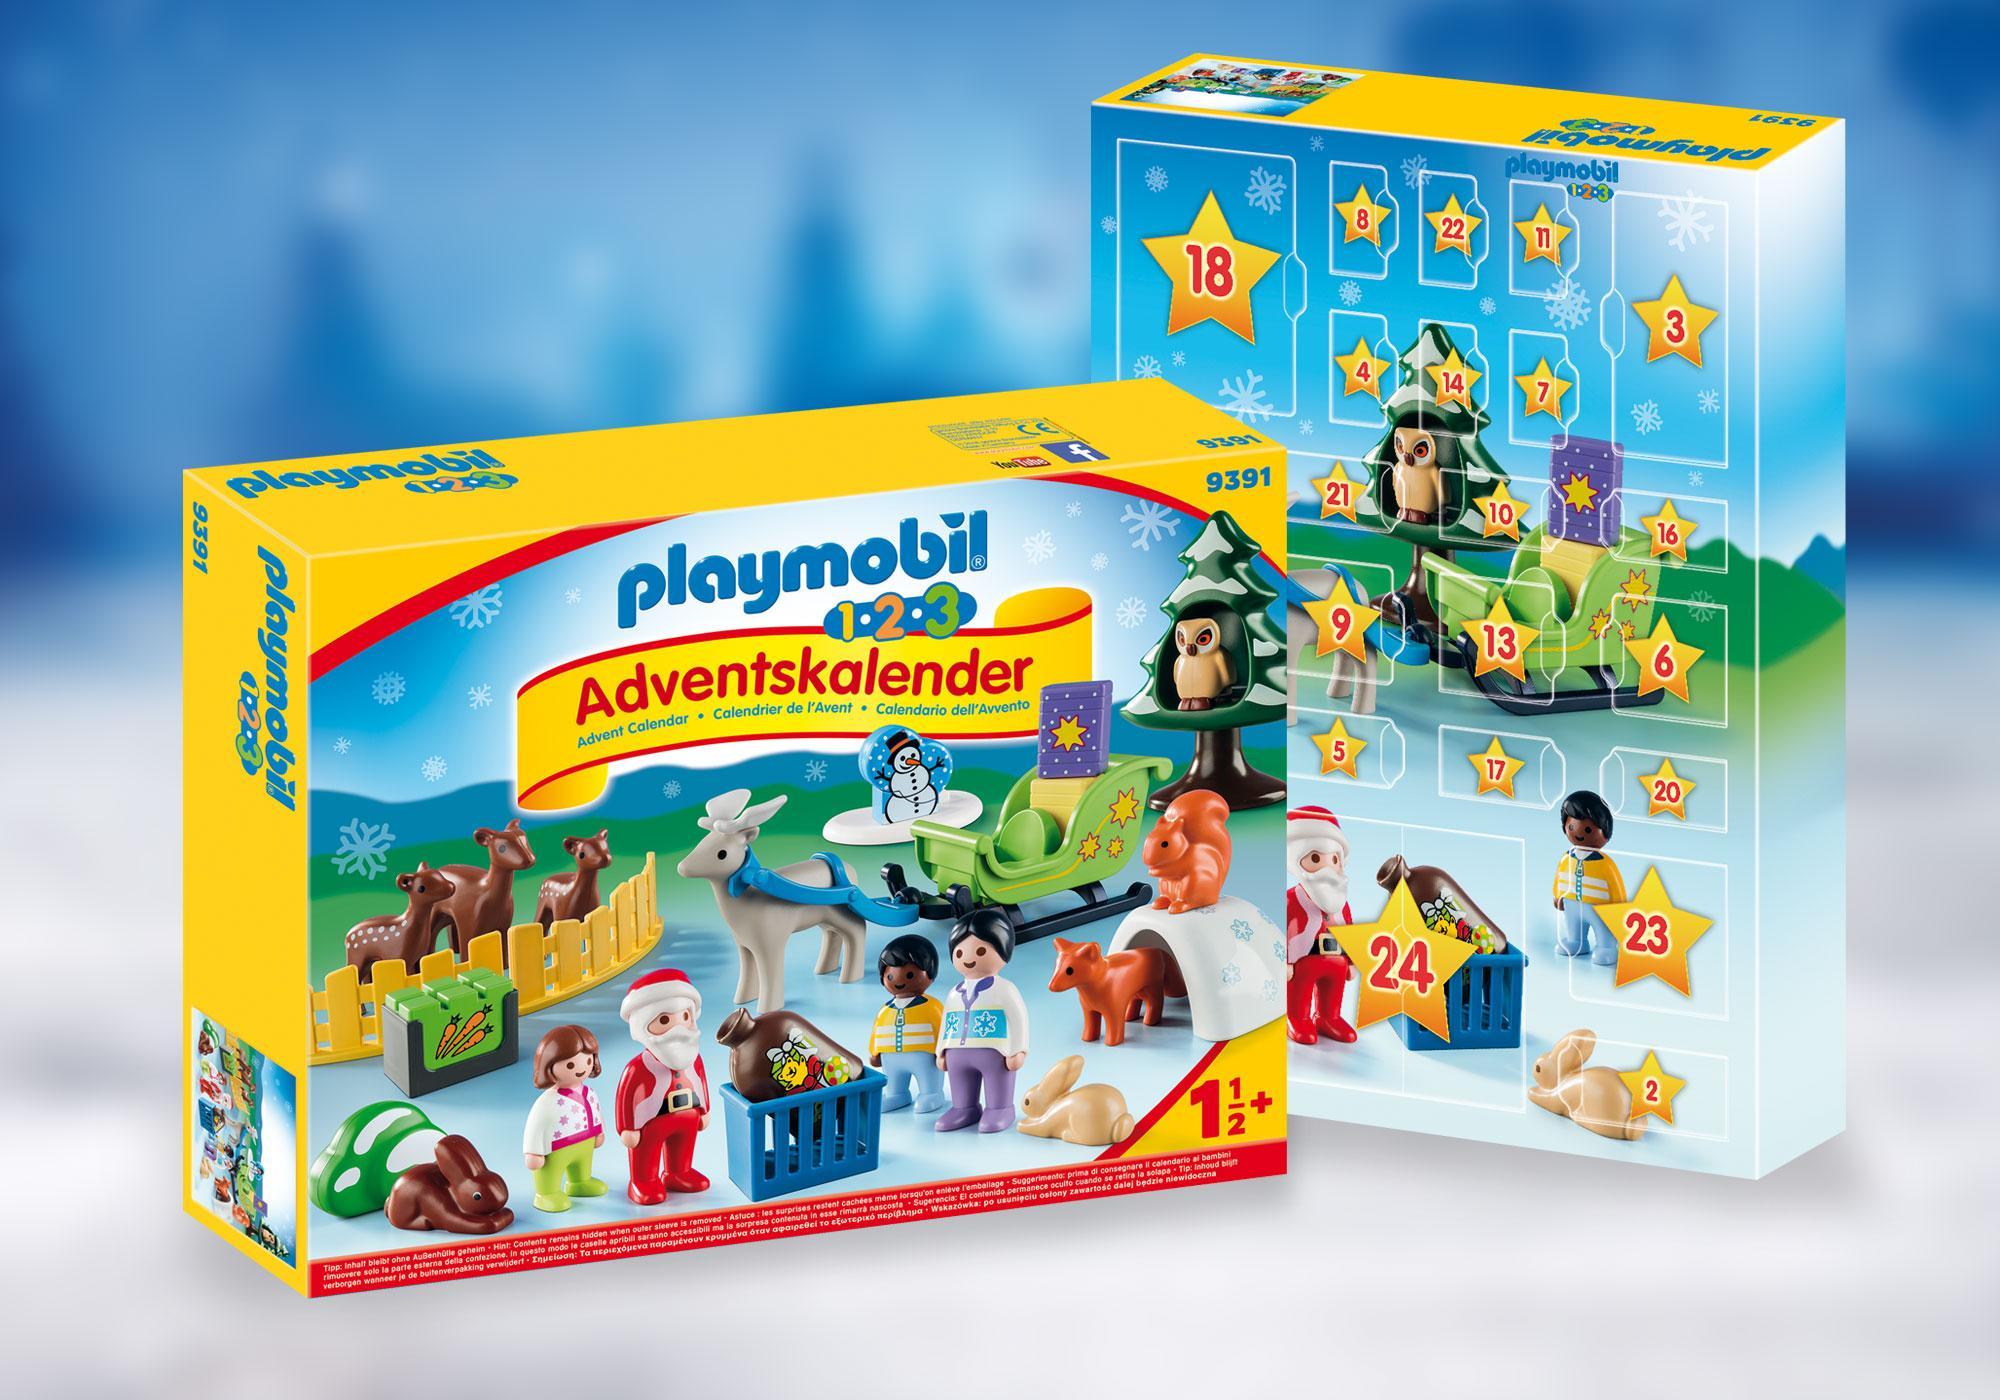 http://media.playmobil.com/i/playmobil/9391_product_detail/Adventskalender 'Kerstmis in het 1.2.3 dierenbos'